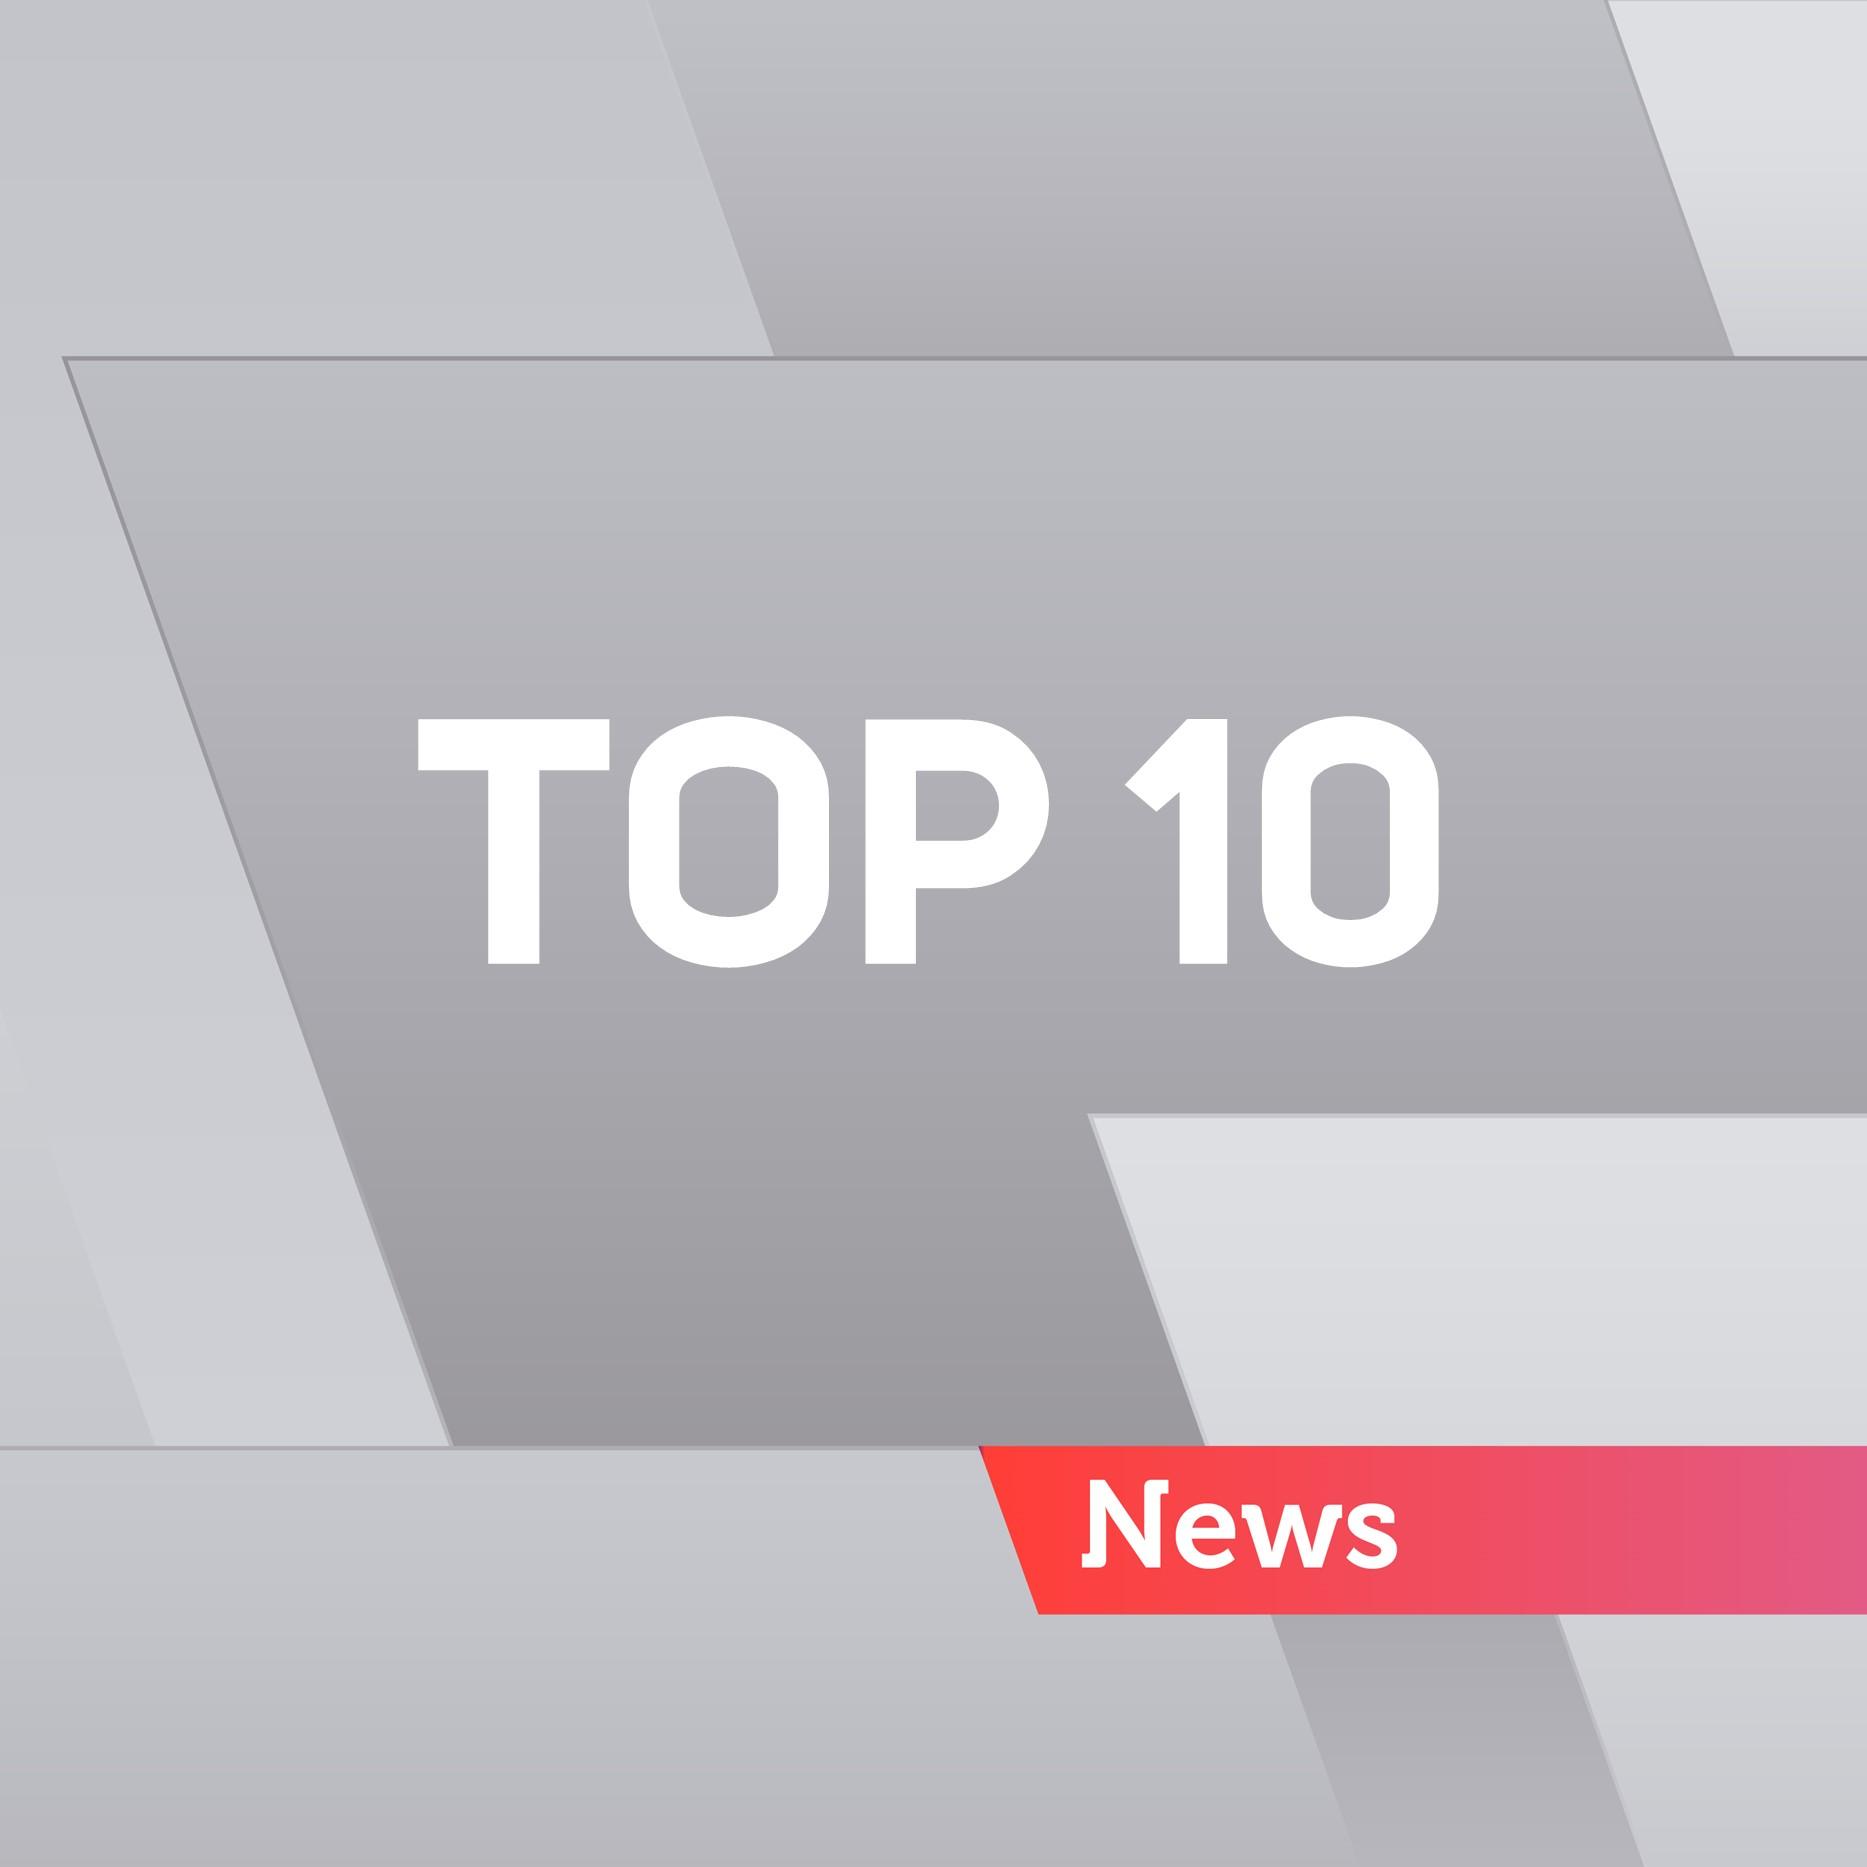 Top10: Resumo das principais notícias da manhã – 25/05/2017